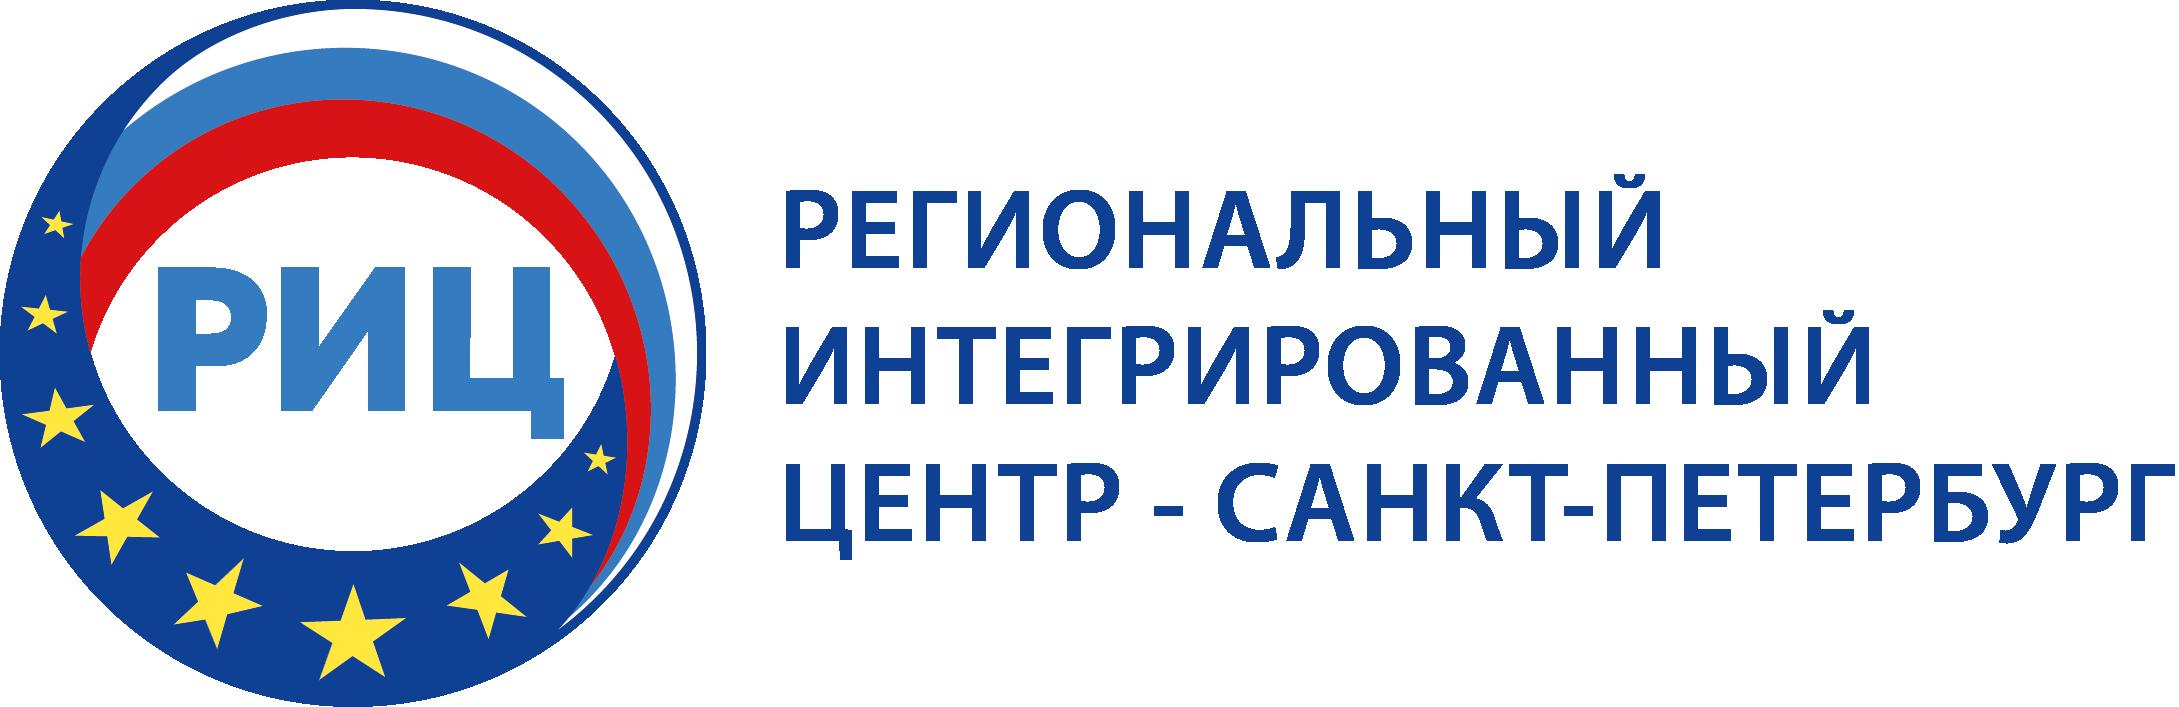 RIC - Peterburg